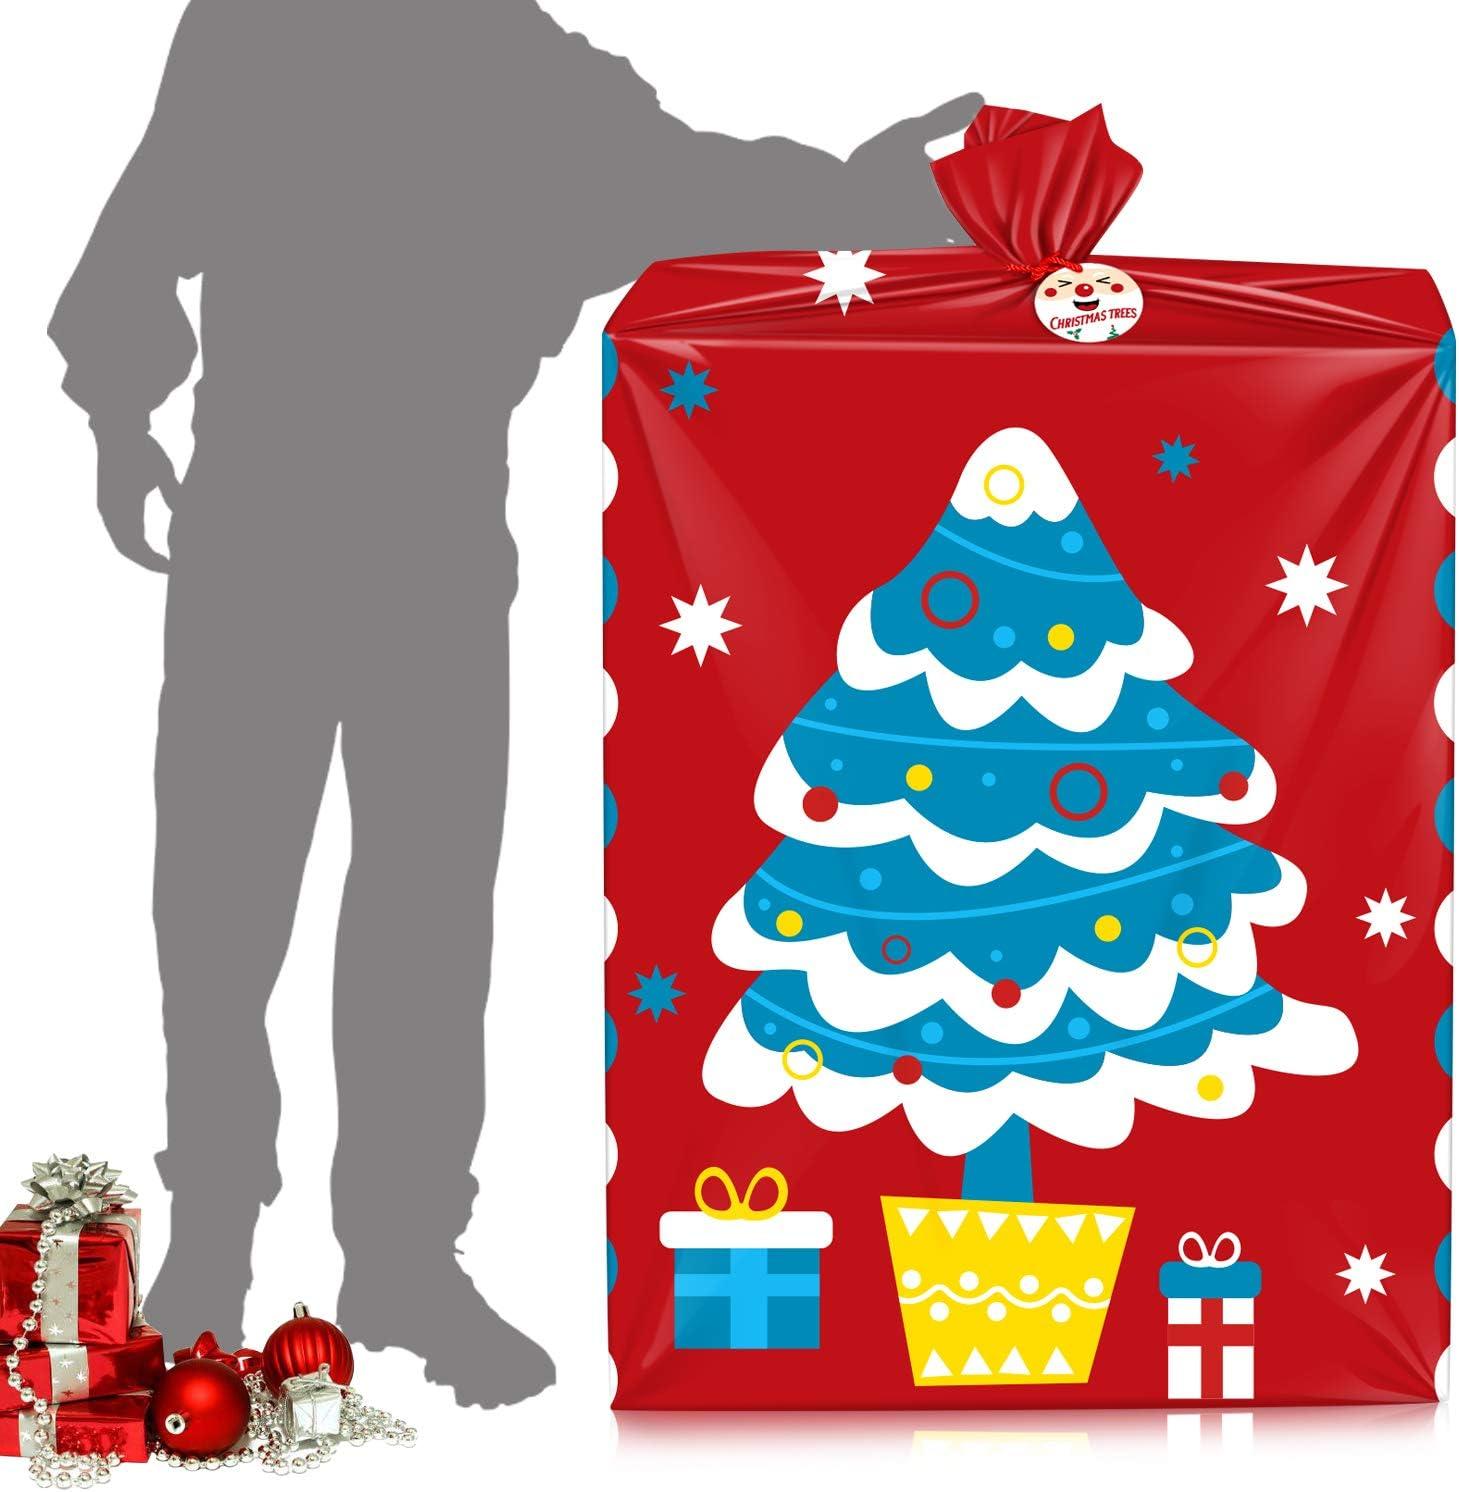 VEYLIN Lot de 2 grands sacs cadeaux de No/ël pour No/ël